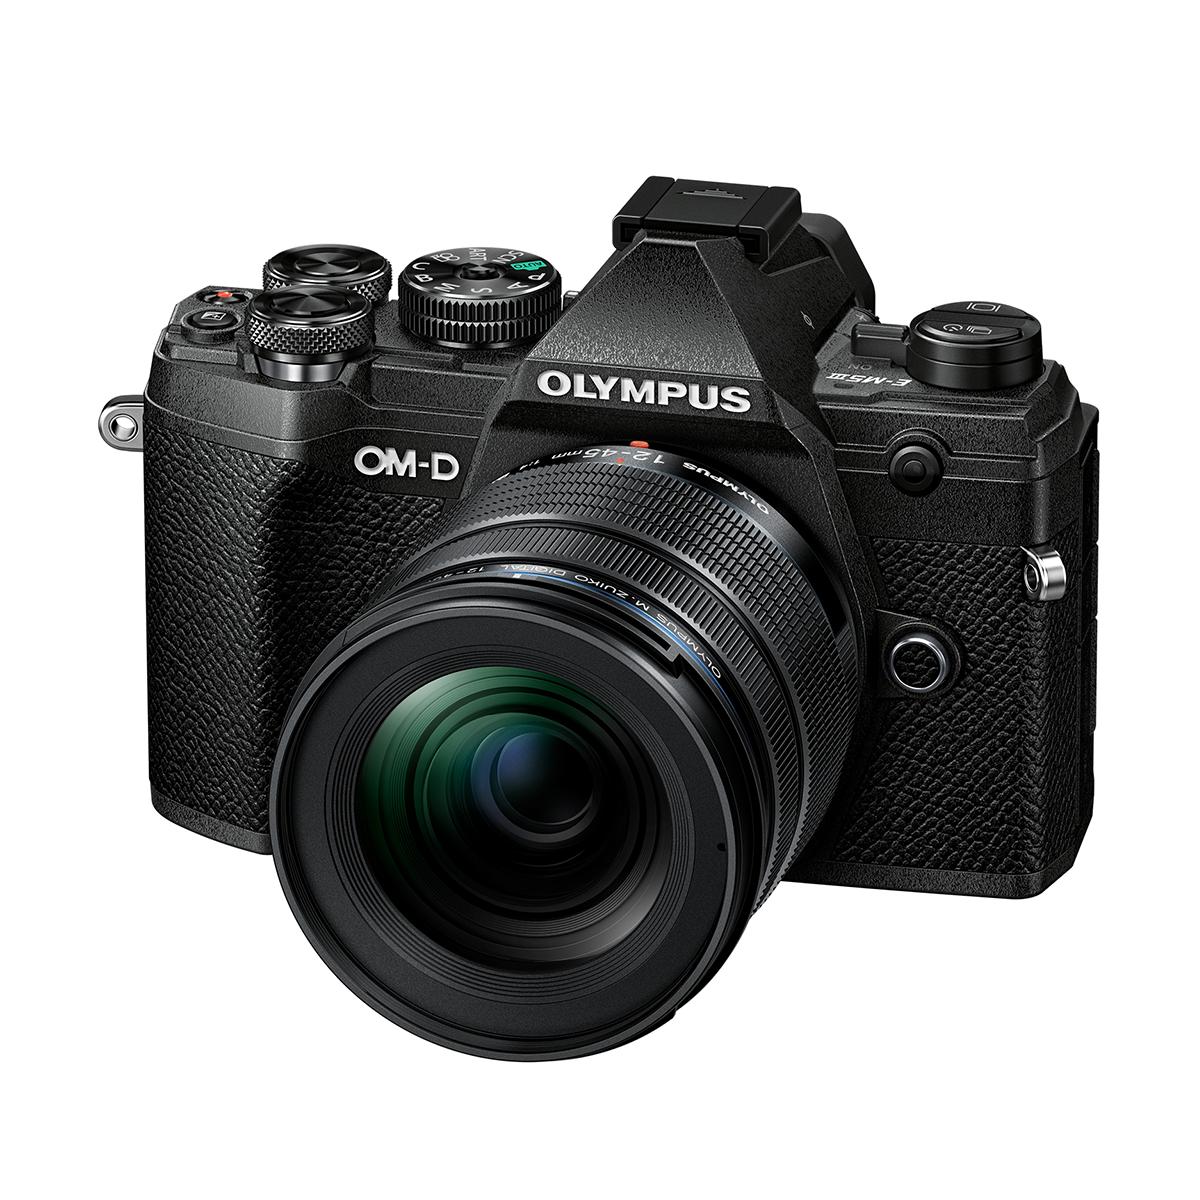 Olympus OM-D E-M5 Mark III + M.Zuiko 12-45mm F4 PRO